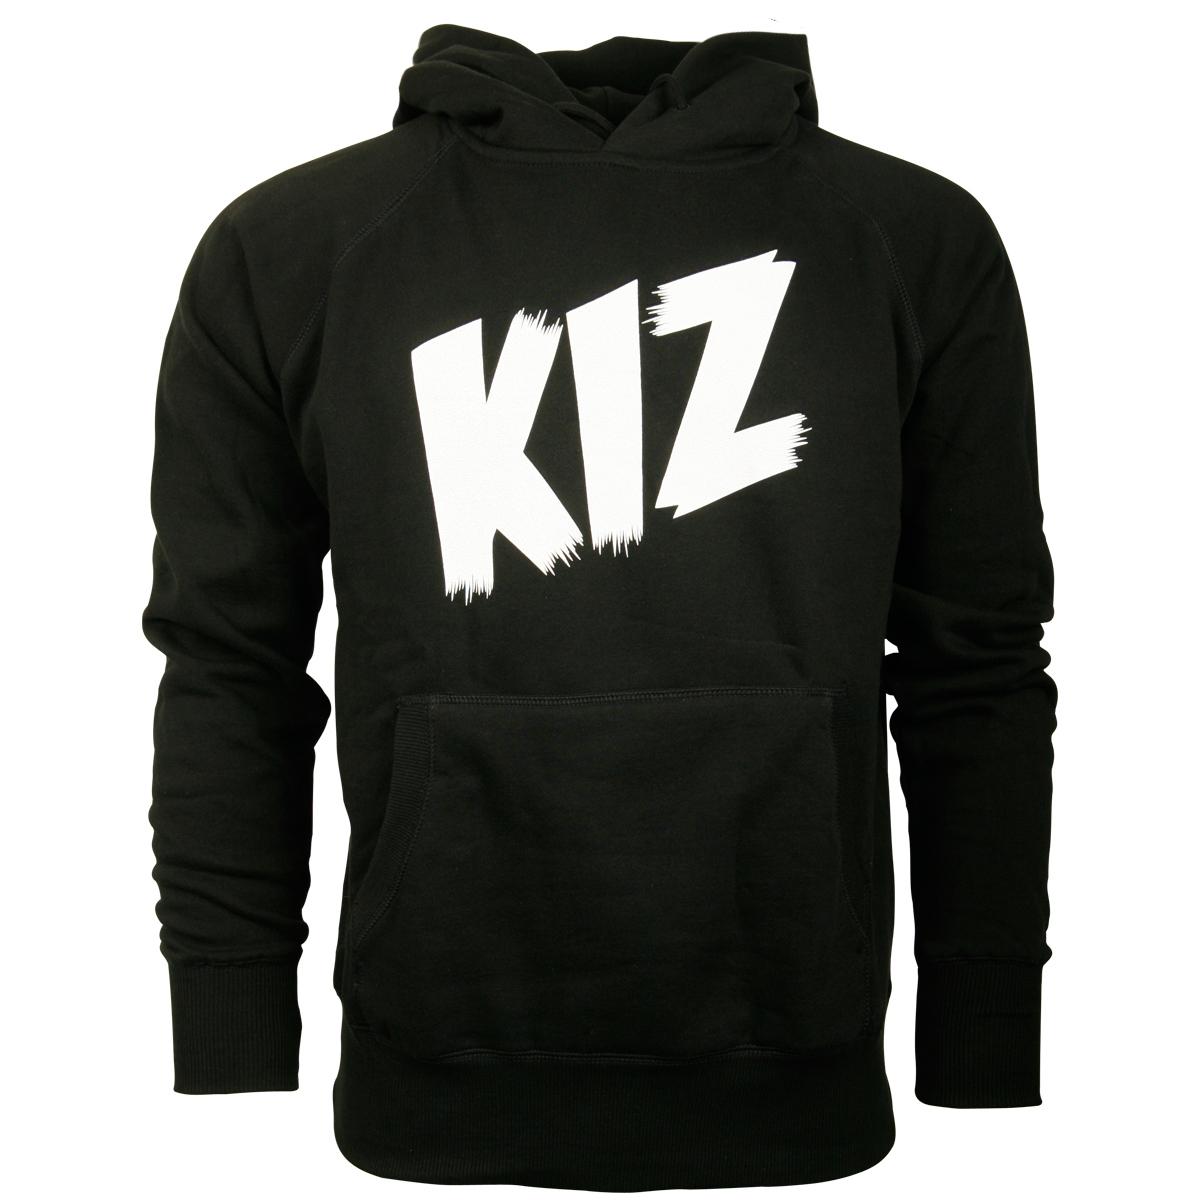 K.I.Z - Kapuzenpullover Logo KIZ - schwarz